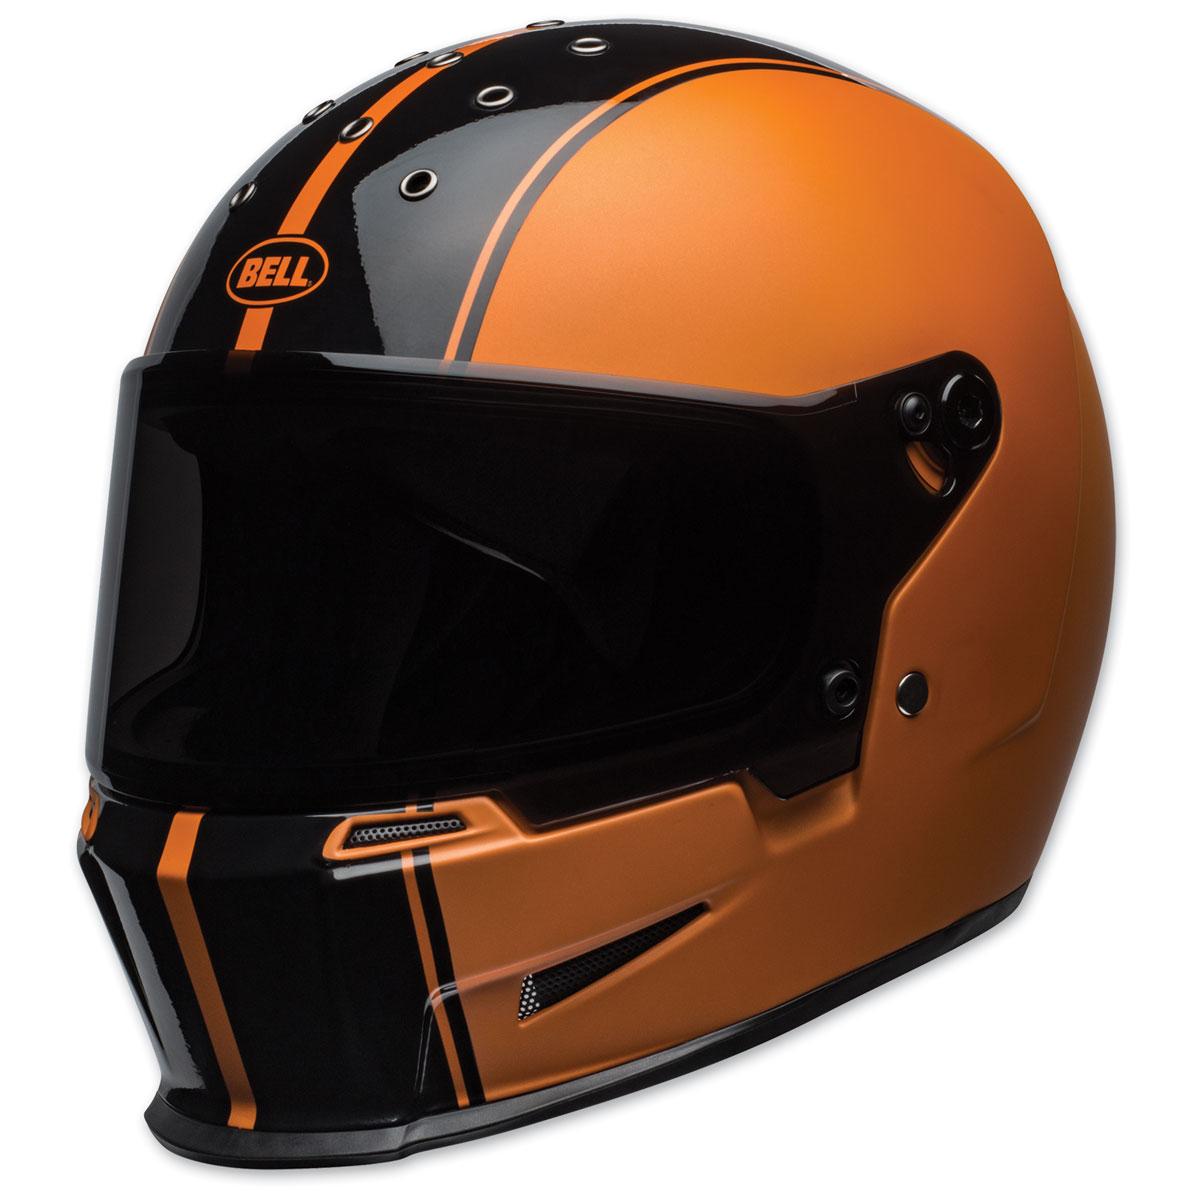 Bell Eliminator Rally Black/Orange Full Face Helmet